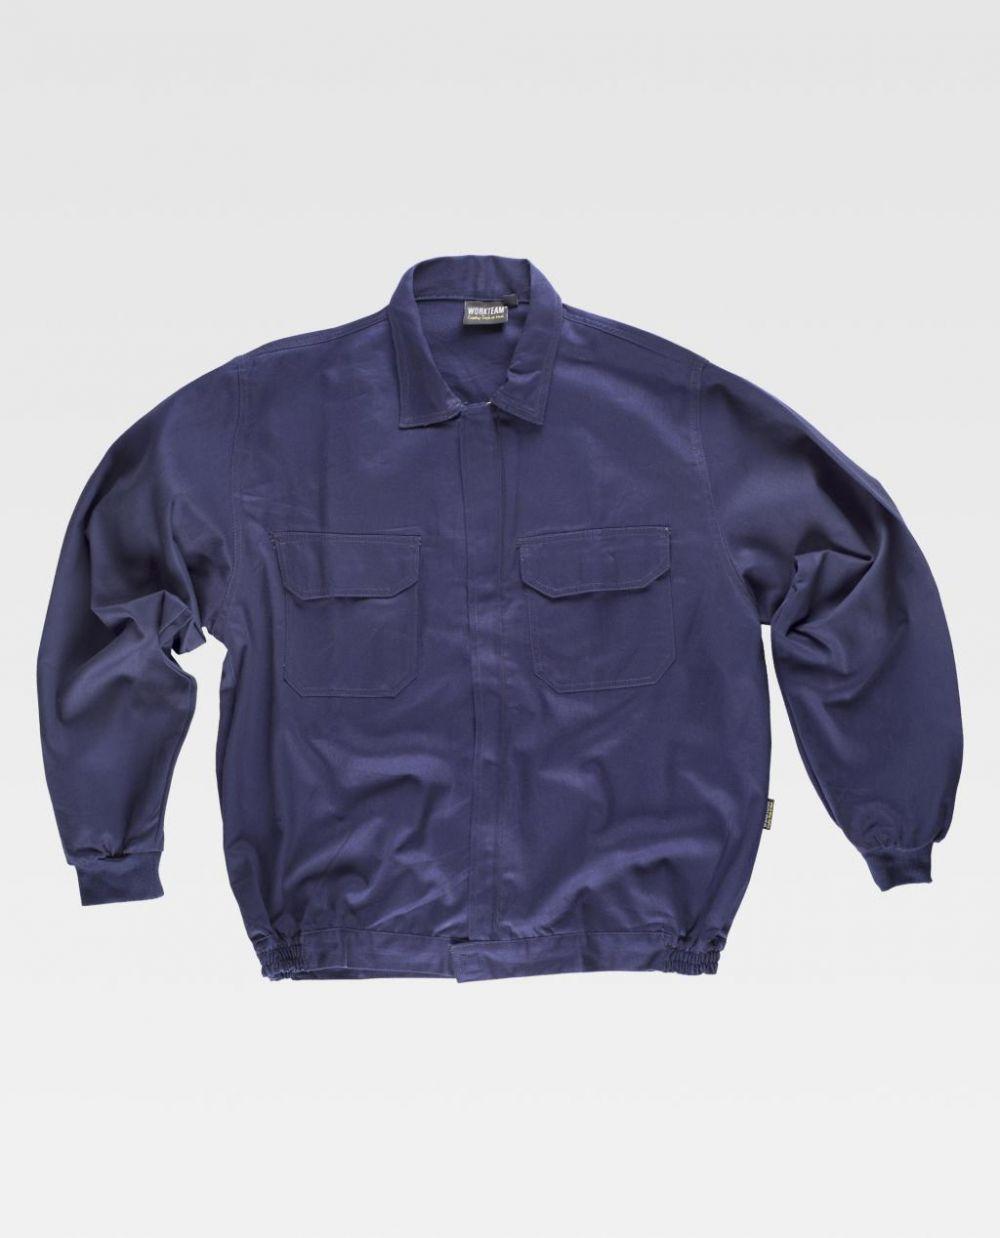 Chaquetas de trabajo workteam cazadora cuello camisero 2 bolsillos de 100% algodón vista 1